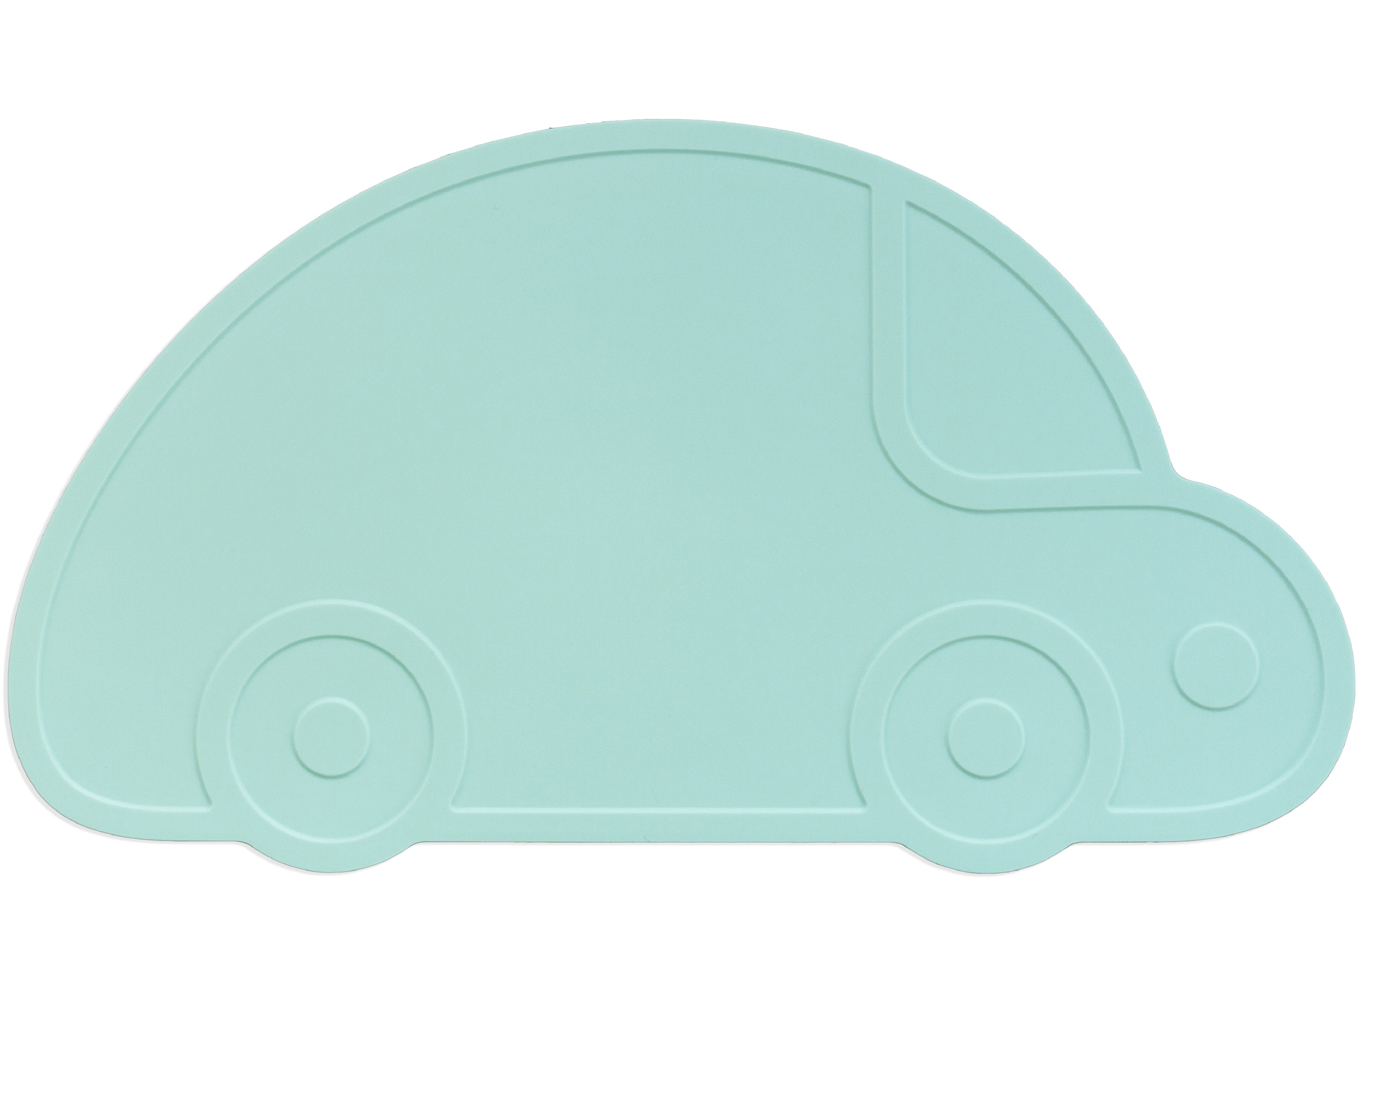 Image of Dækkeserviet fra KG Design - Rally - Mint (100708)